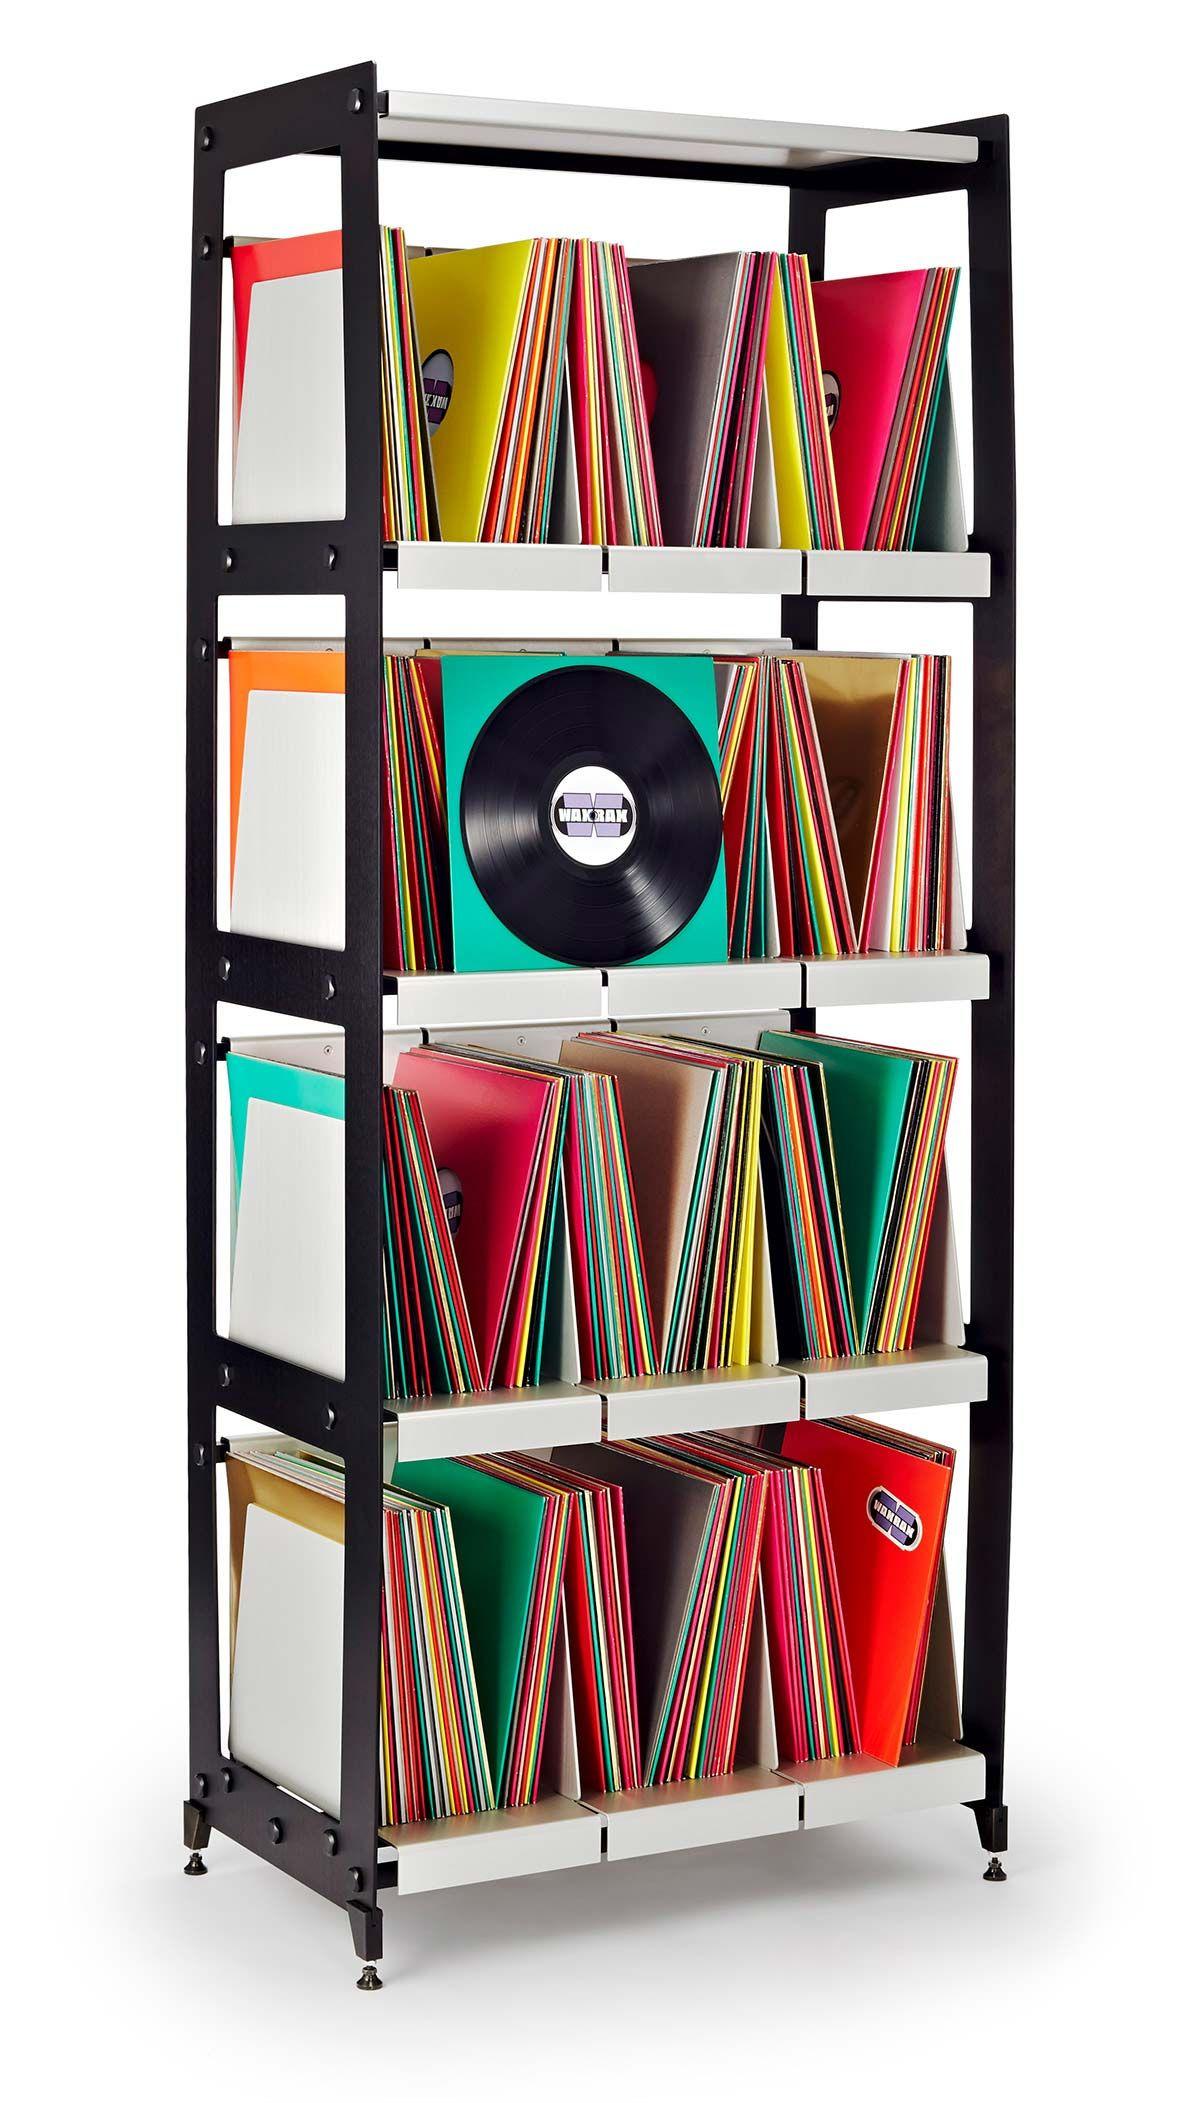 43 meubles pour ranger des vinyles | rangement vinyle | Mobilier de salon, Rangement vinyle et ...